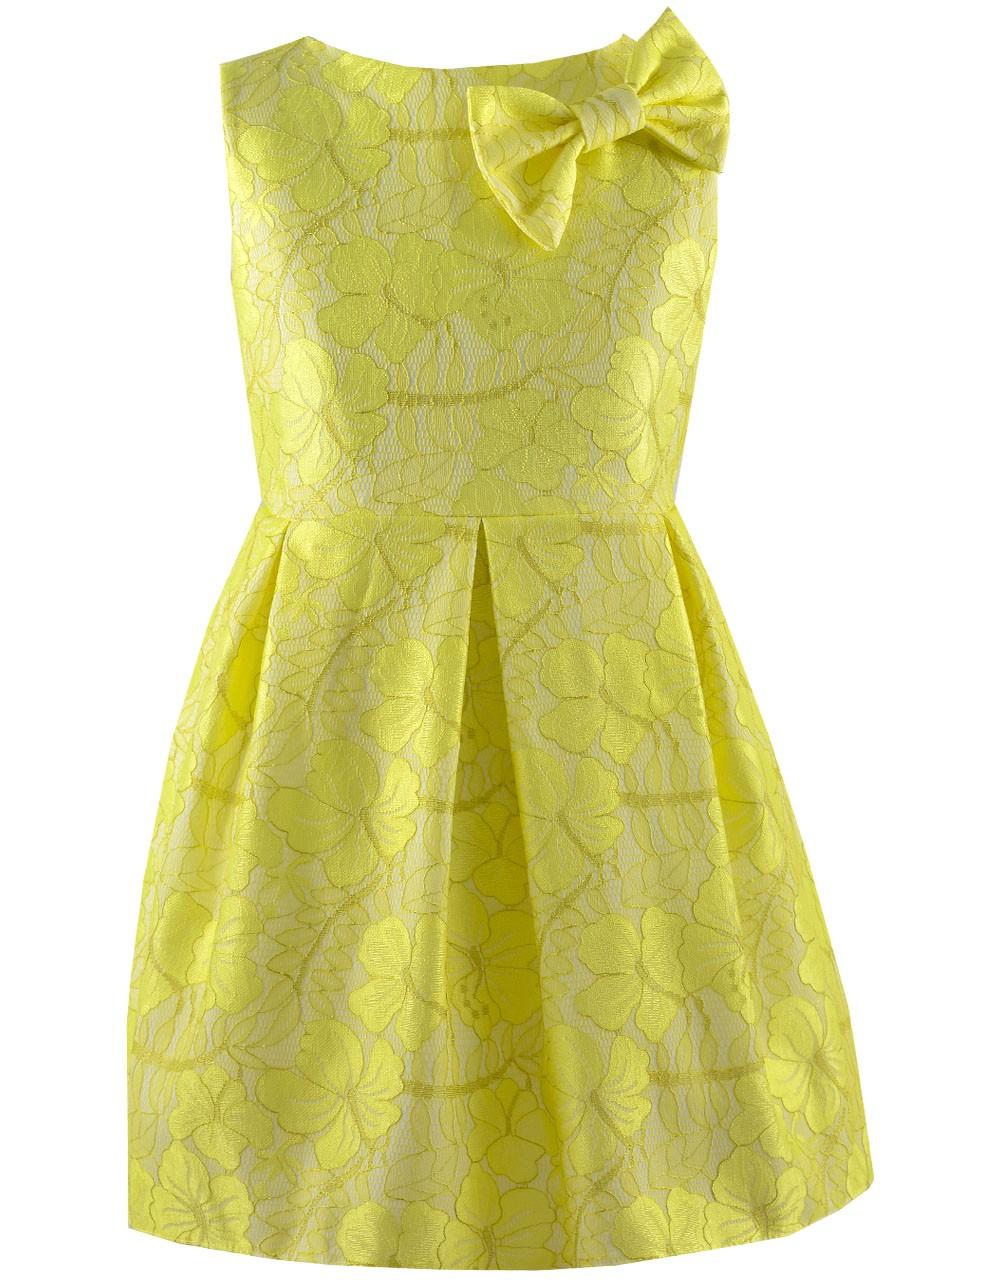 9a33c6bf8e Żółta sukienka z kokardką - EMMA Polska Marka Odzieży Dziecięcej